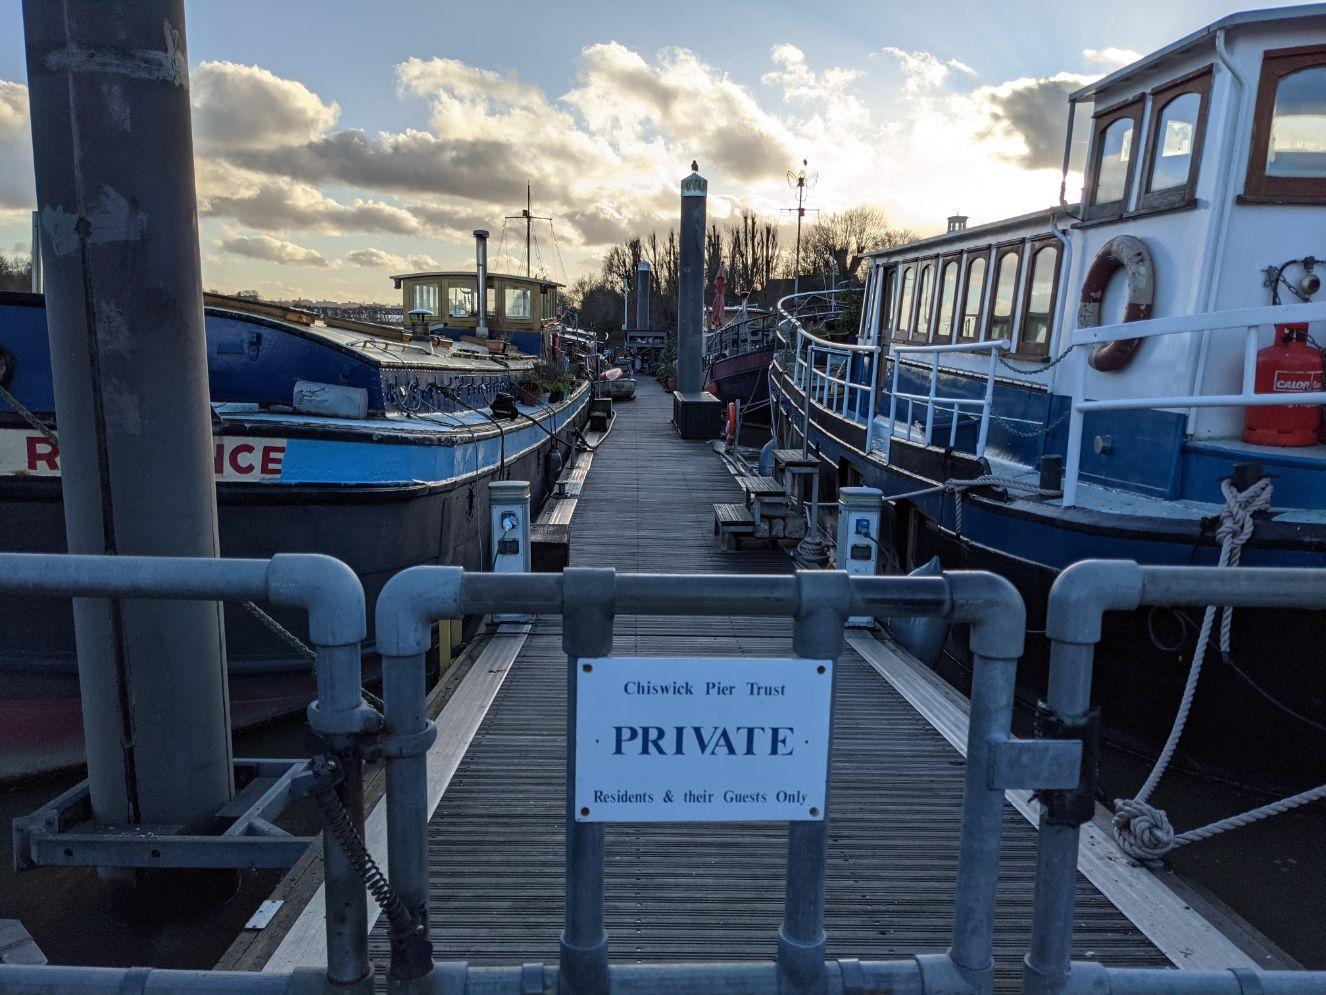 Houseboats 17 - Joanna Raikes